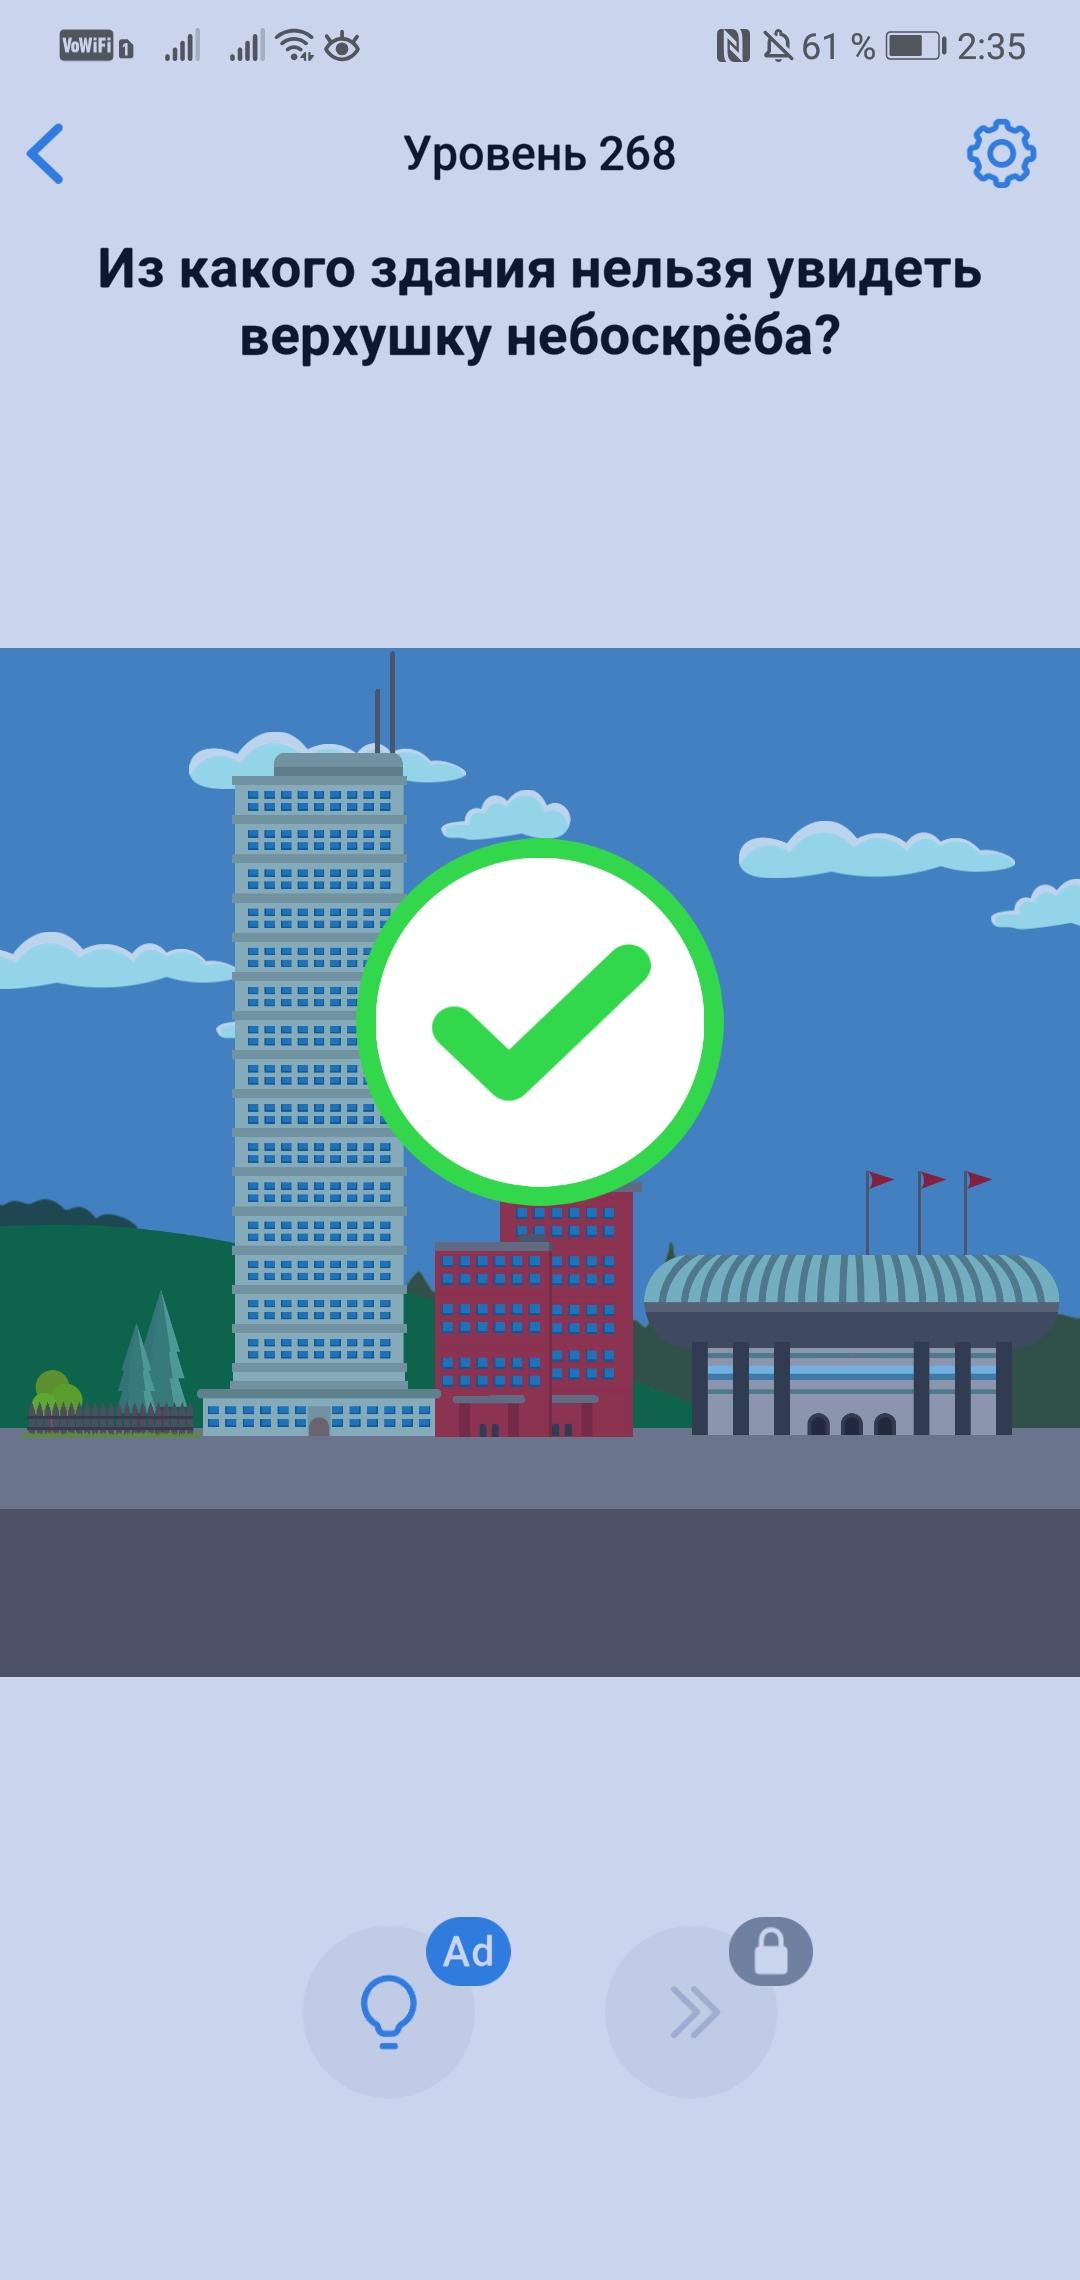 Easy Game - 268 уровень - Из какого здания нельзя увидеть верхушку небоскрёба?